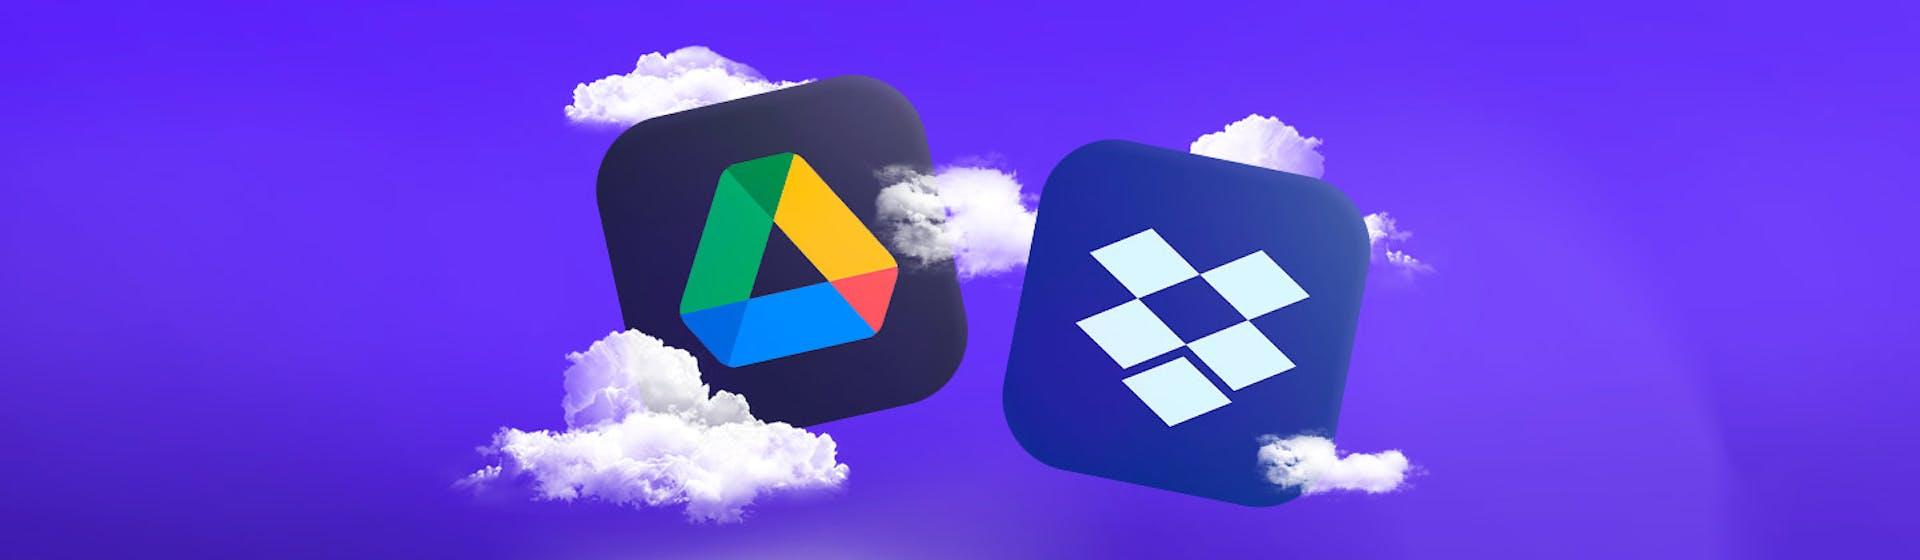 Google Drive vs Dropbox: ¡Averigua cuál es el más adecuado para tu negocio!